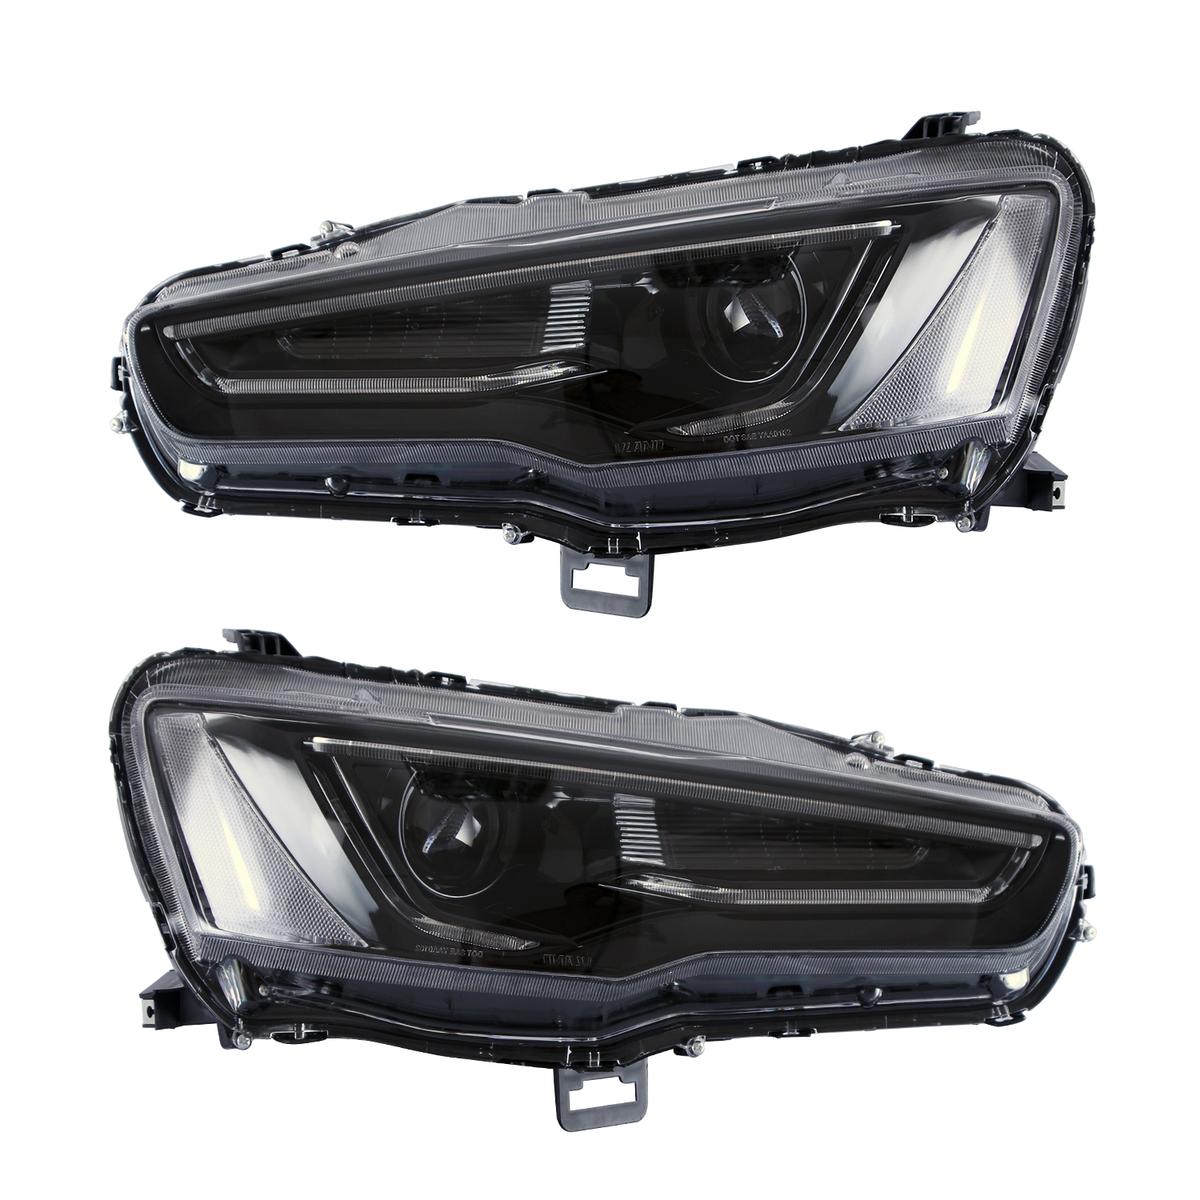 三菱 ランサーエボリューションX CZ4A 流れる ウインカー 昼間ランニングライト ダブルプロジェクターレンズ バルブセット付属 USEKA 全ブラック仕様 LEDデイライト !超美品再入荷品質至上! 流れるウインカーアウディ スタイル ギャランフォルティス左右セット新品 LAMP FOR MITSUBISHI 08年以後 HEADLIGHT LED 2008-up ヘッドランプ black 使い勝手の良い LANCER ヘッドライト